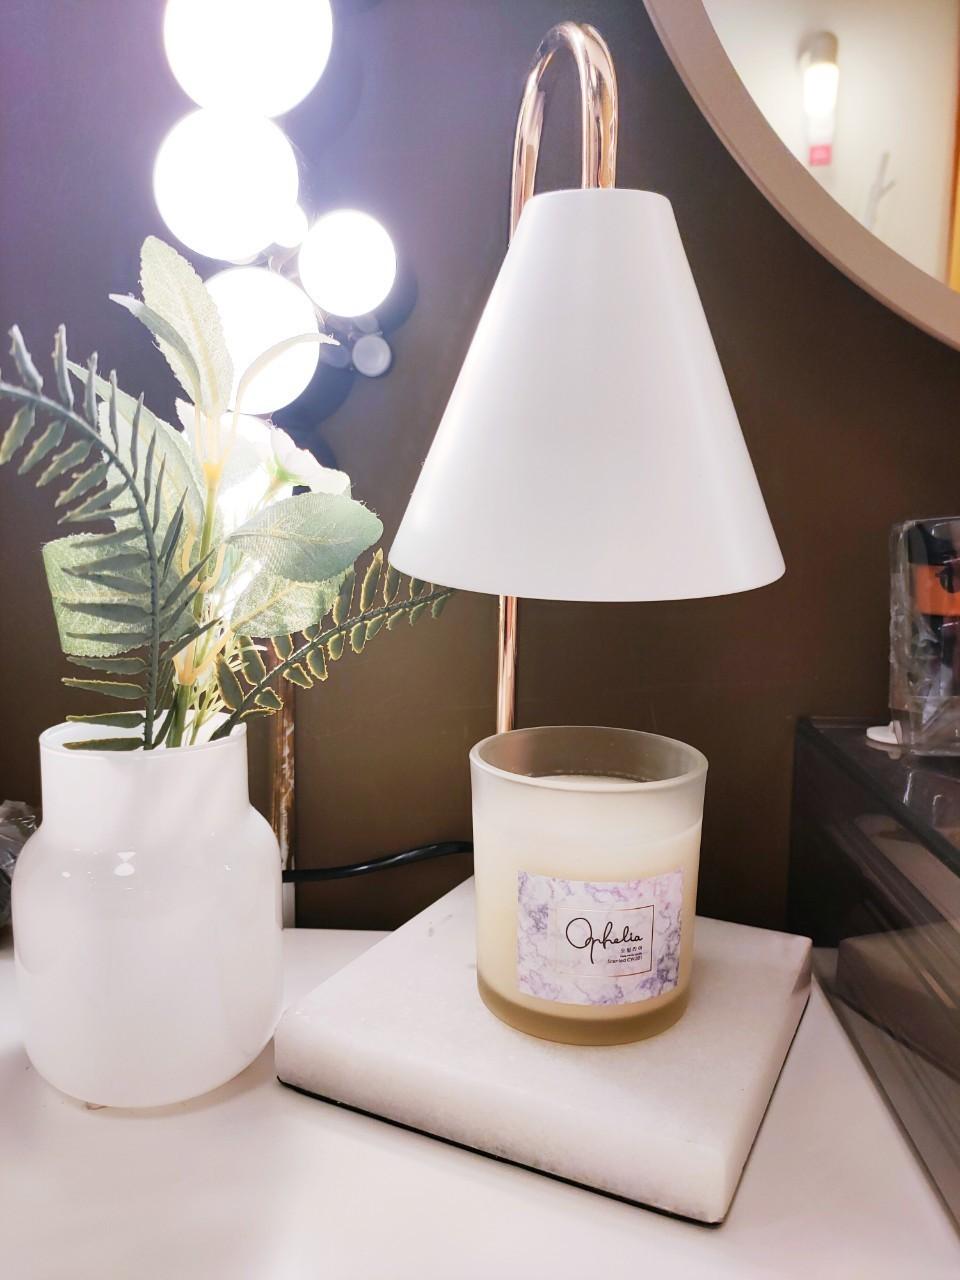 香氛大理石融蠟燈組-2色(含蠟燭140g*1組合)